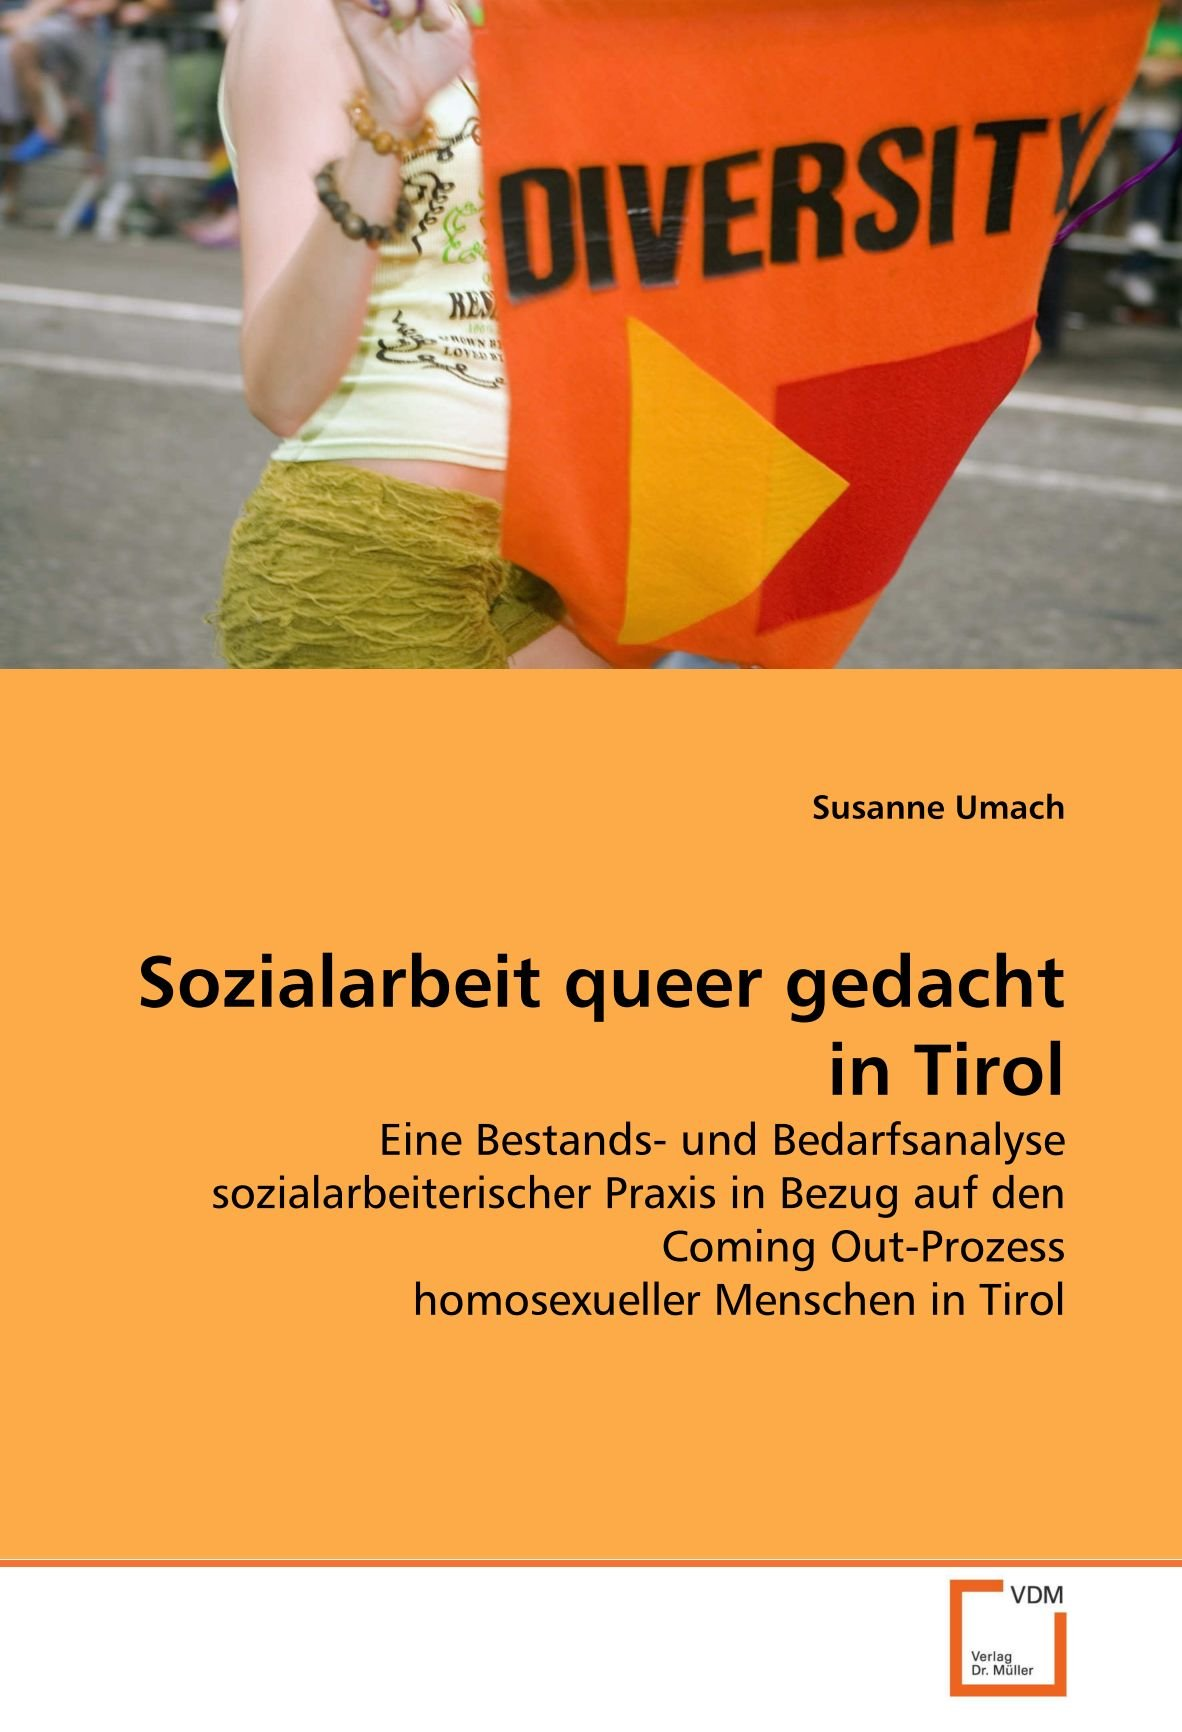 Sozialarbeit queer gedacht in Tirol: Eine Bestands- und Bedarfsanalyse sozialarbeiterischer Praxis in Bezug auf den Coming Out-Prozess homosexueller Menschen in Tirol